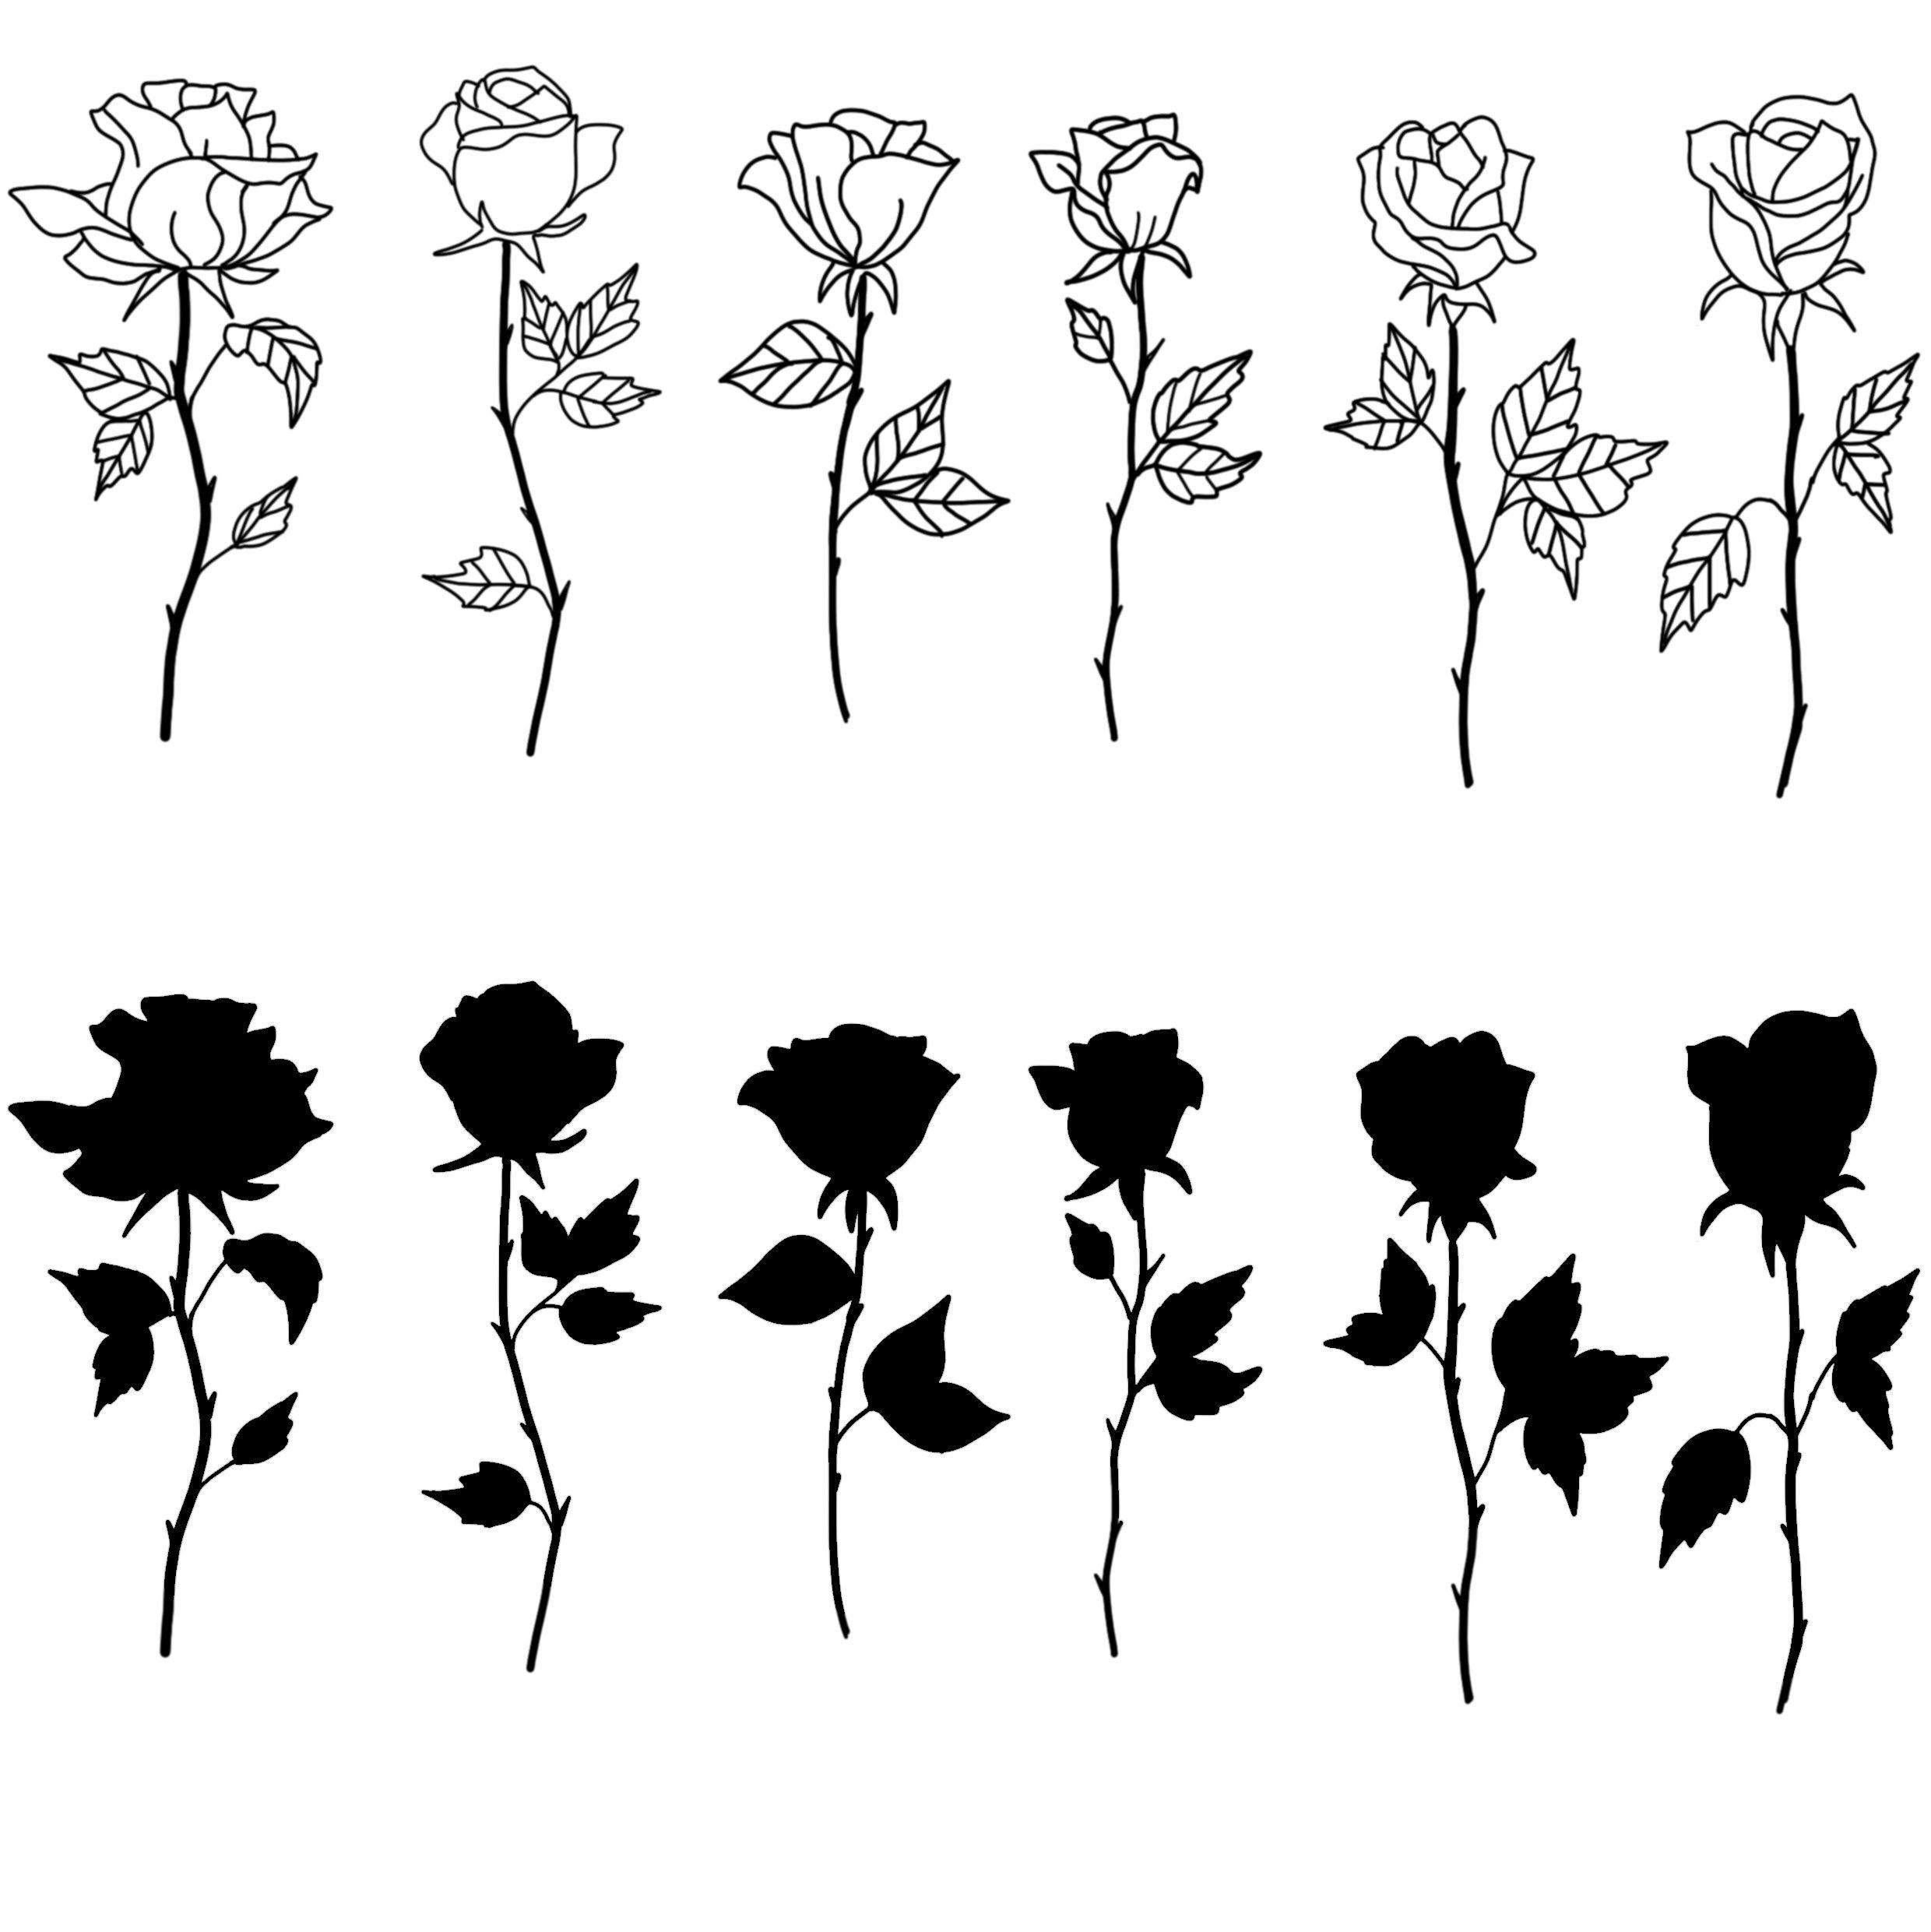 мини картинки для тату роза фотографий боевых